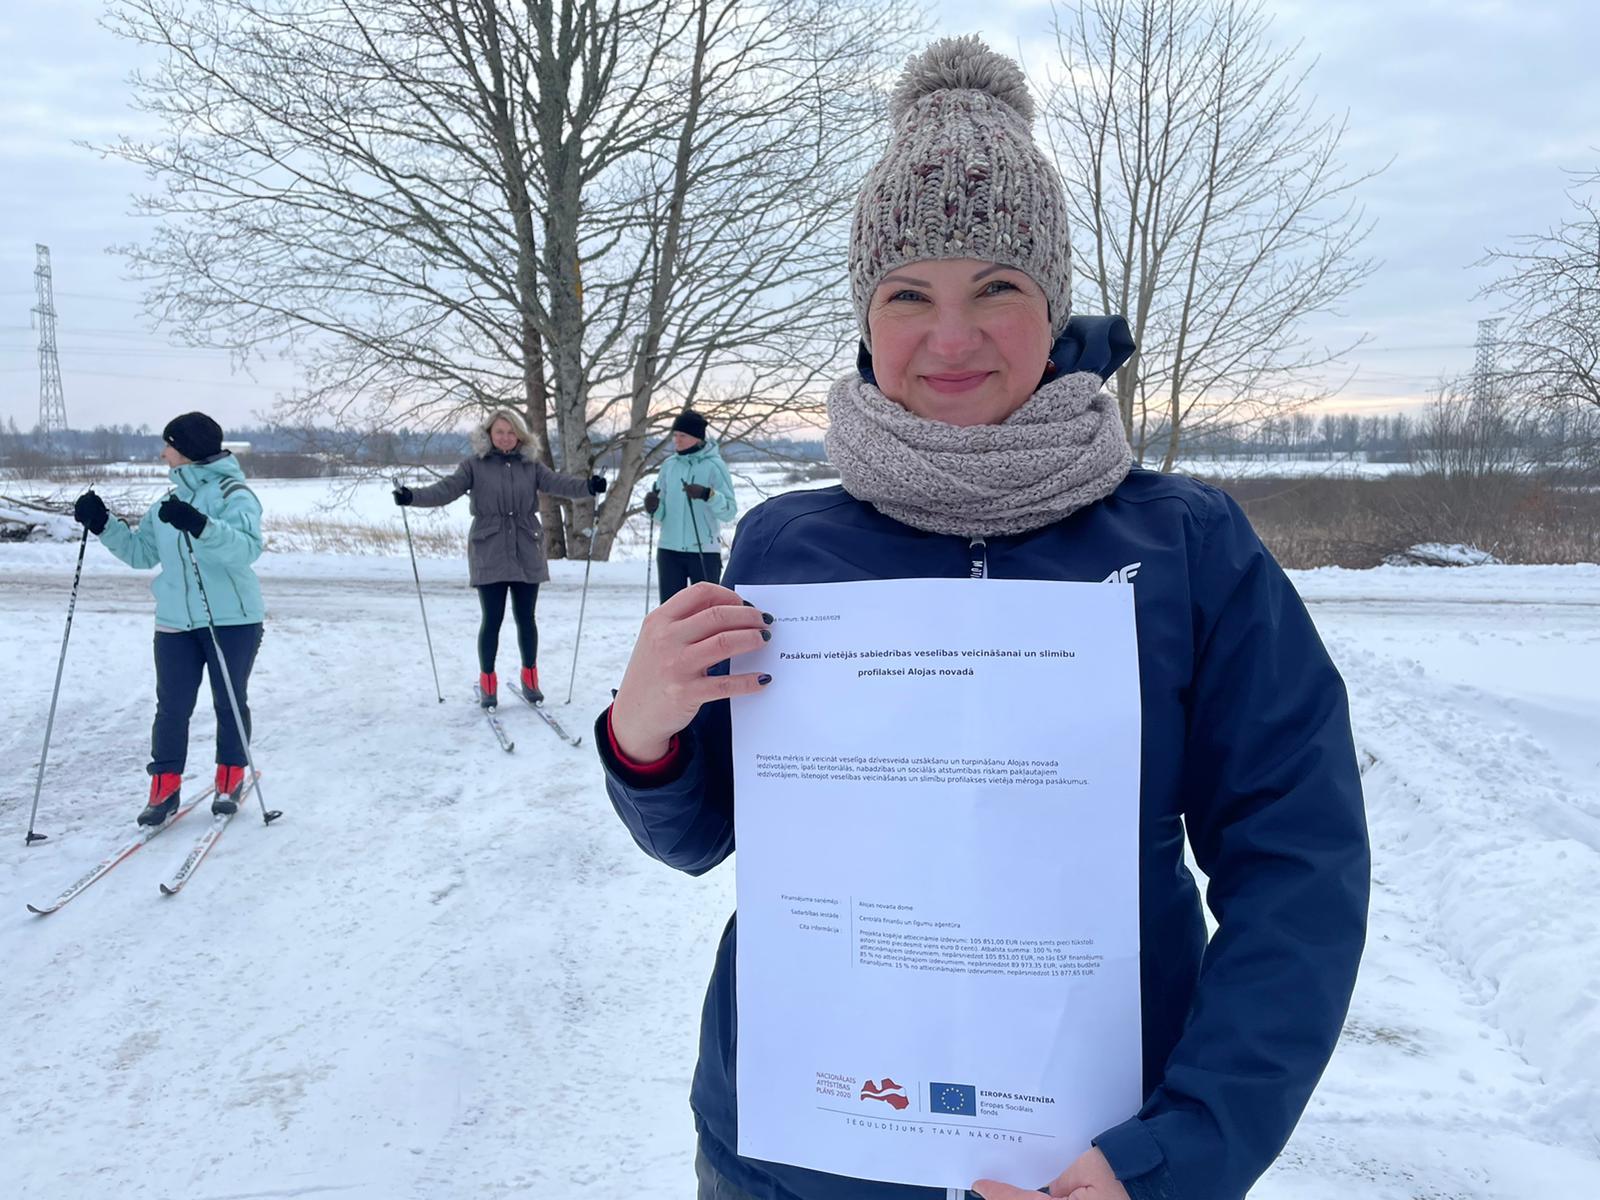 Veselības projekta ietvaros iegādāts slēpošanas inventārs